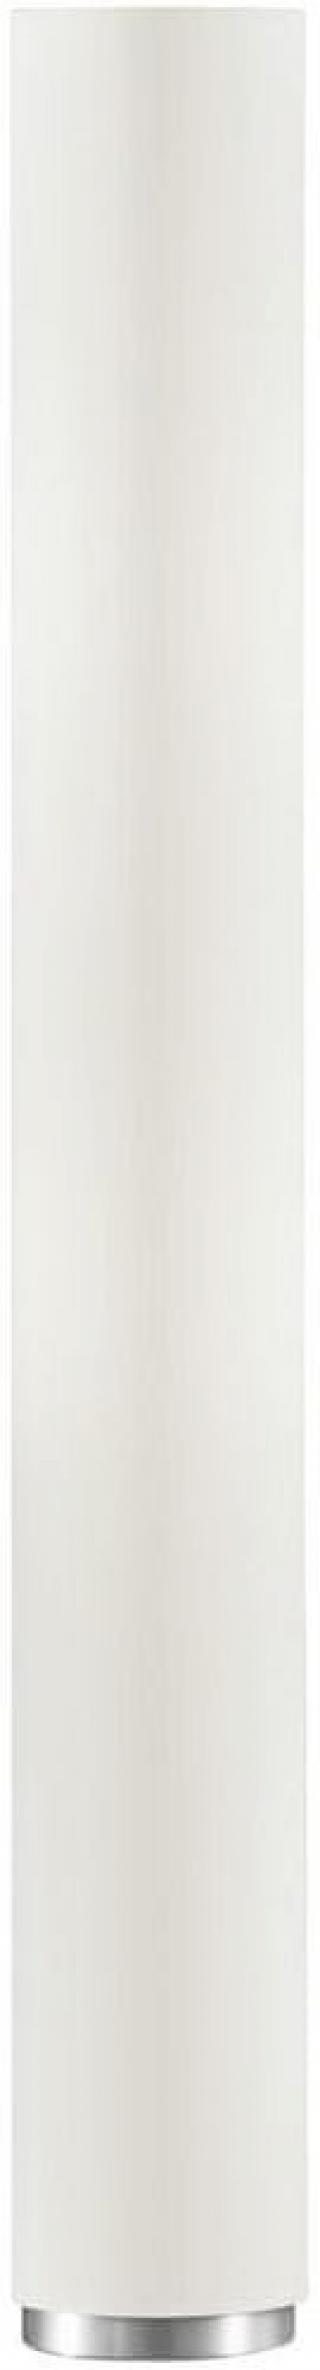 Eglo Stojací svítidlo TUBE - 82807 - zánovní